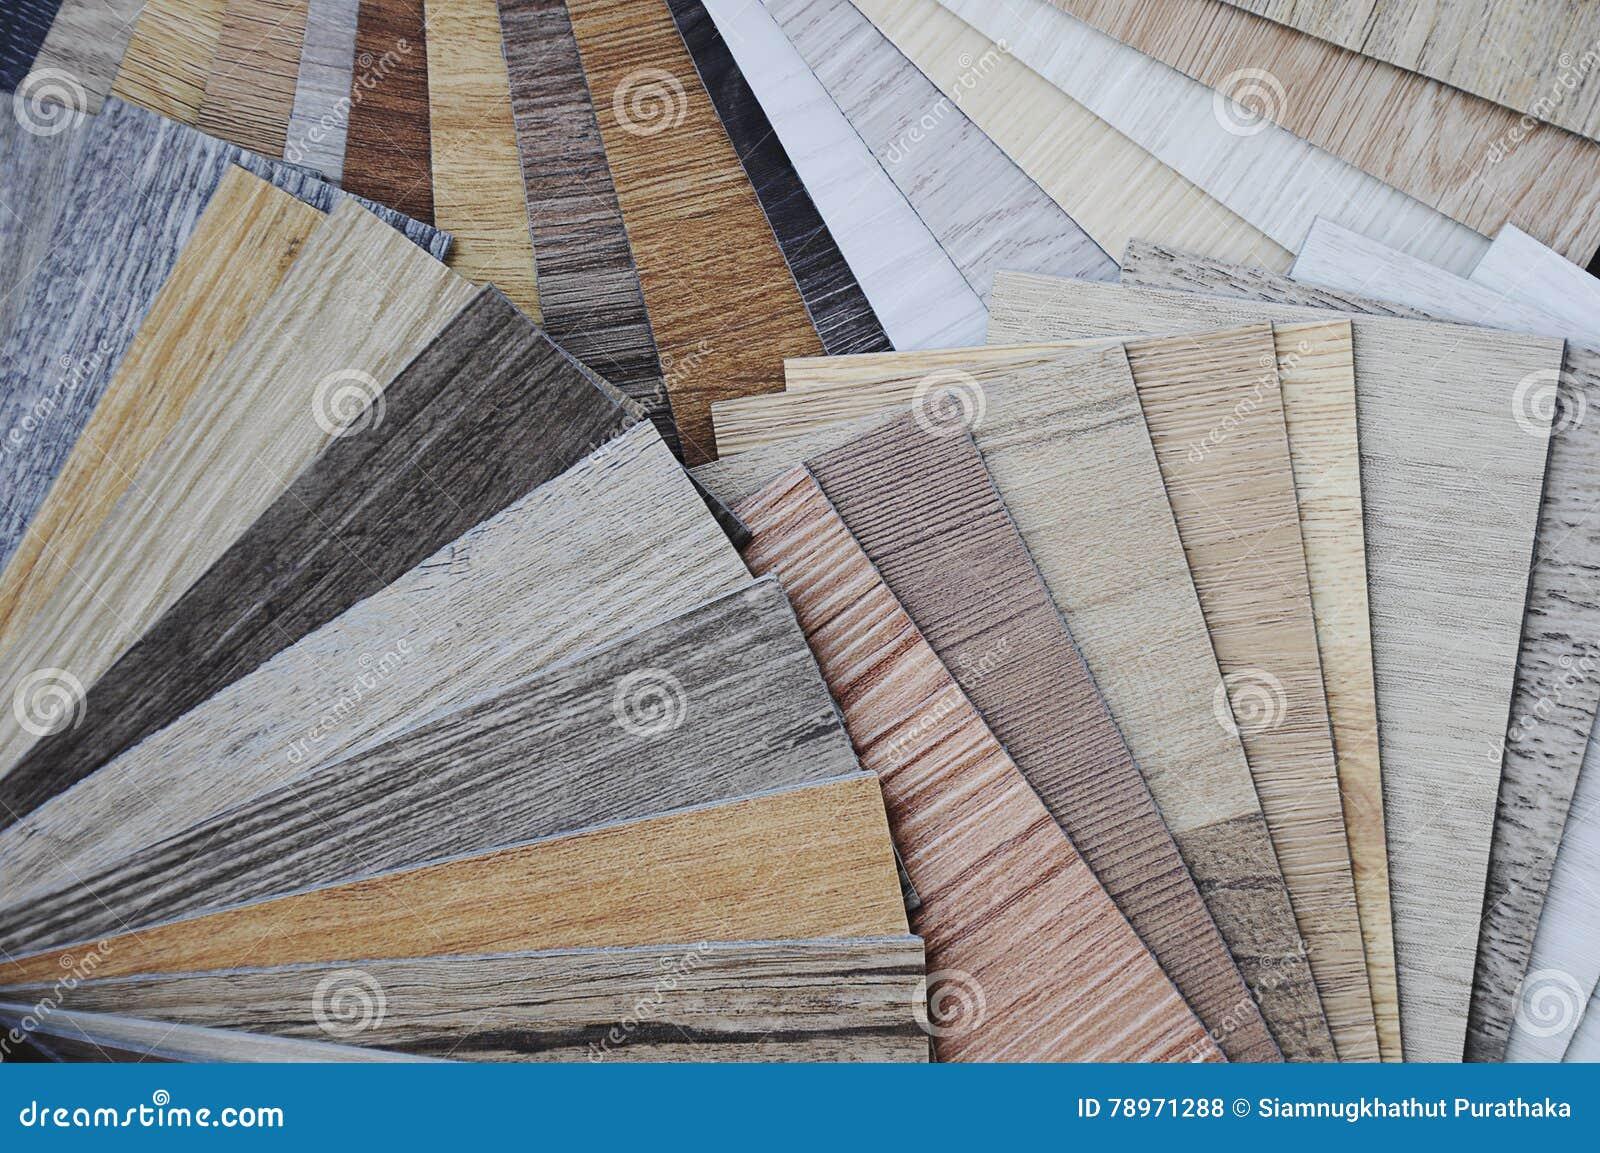 Fußboden Spanplatten Kaufen ~ Fußboden aus spanplatten spanplatten und andere holzwerkstoffe